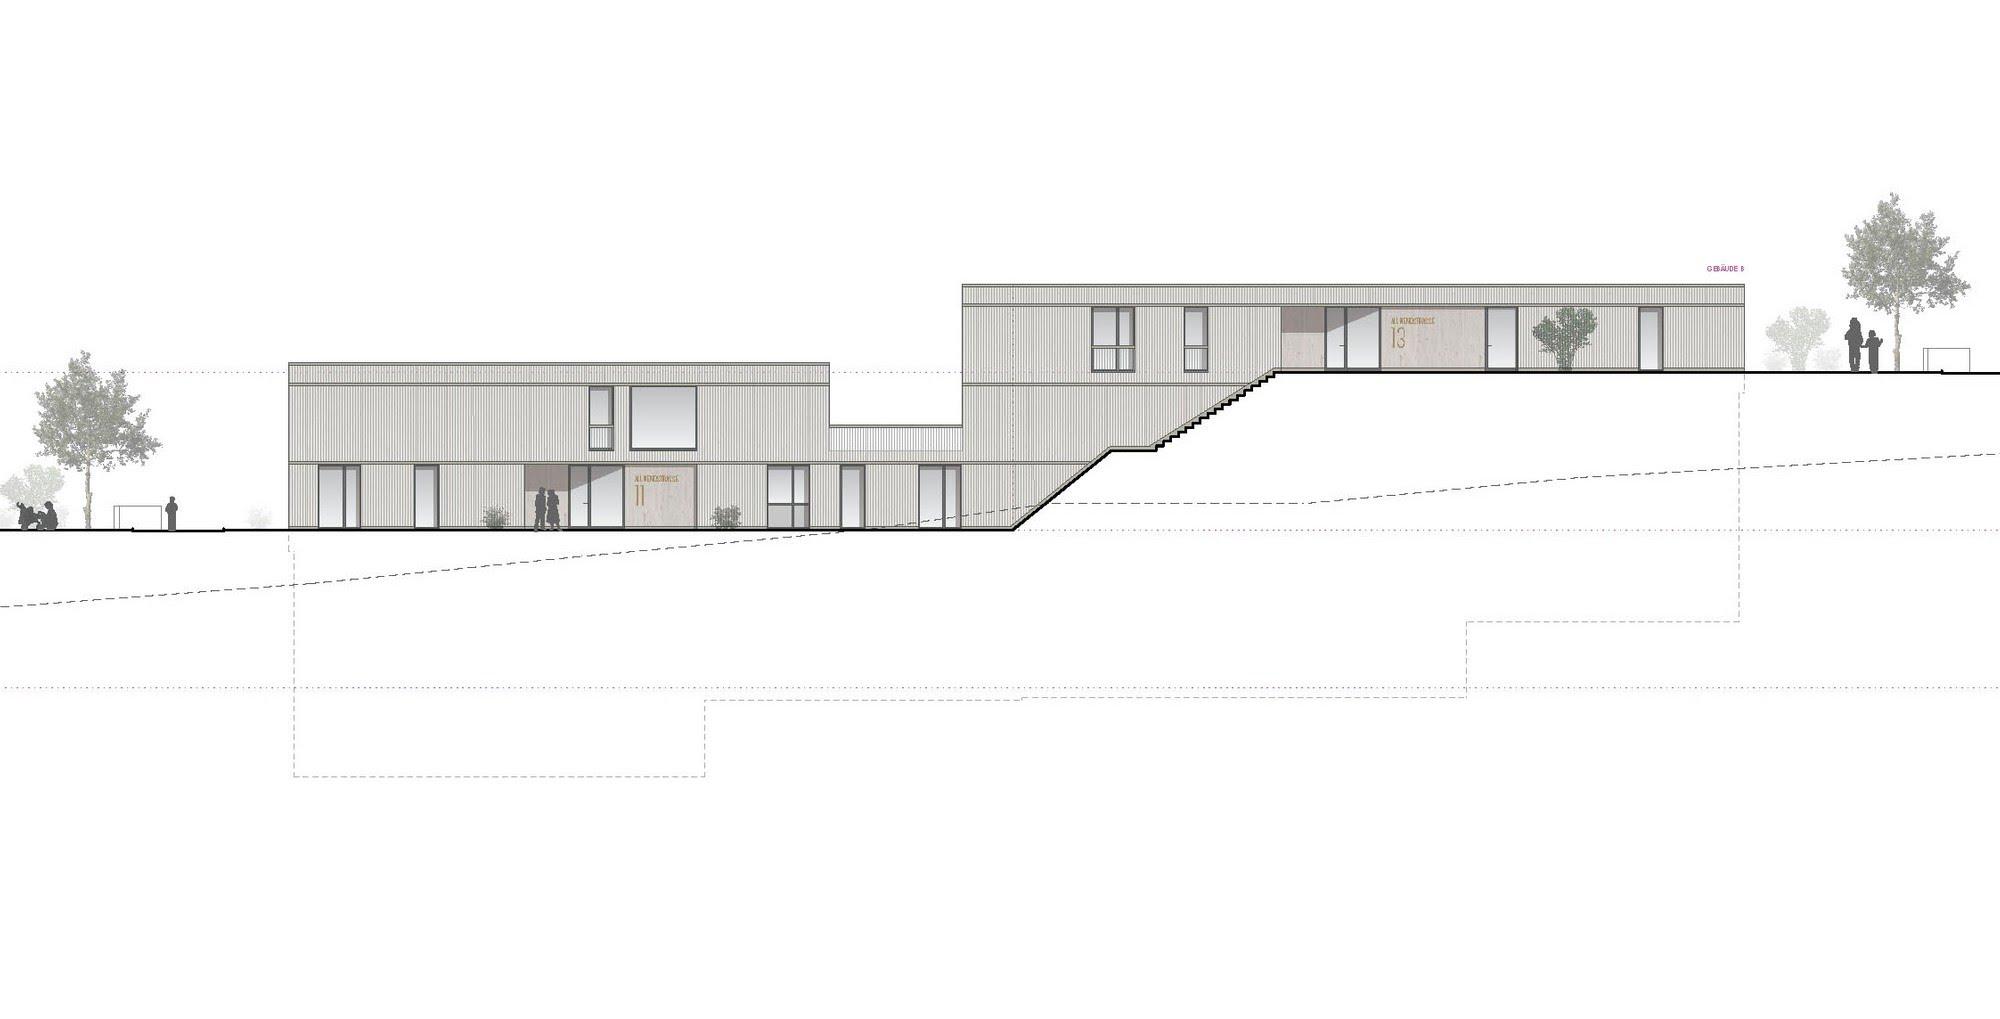 Wohnen MFH Wettbewerb Allmendstrasse in Egolzwil Architektur,Wohnungsbau,Wohnhäuser,Einfamilienhäuser,Mehrfamilienhäuser